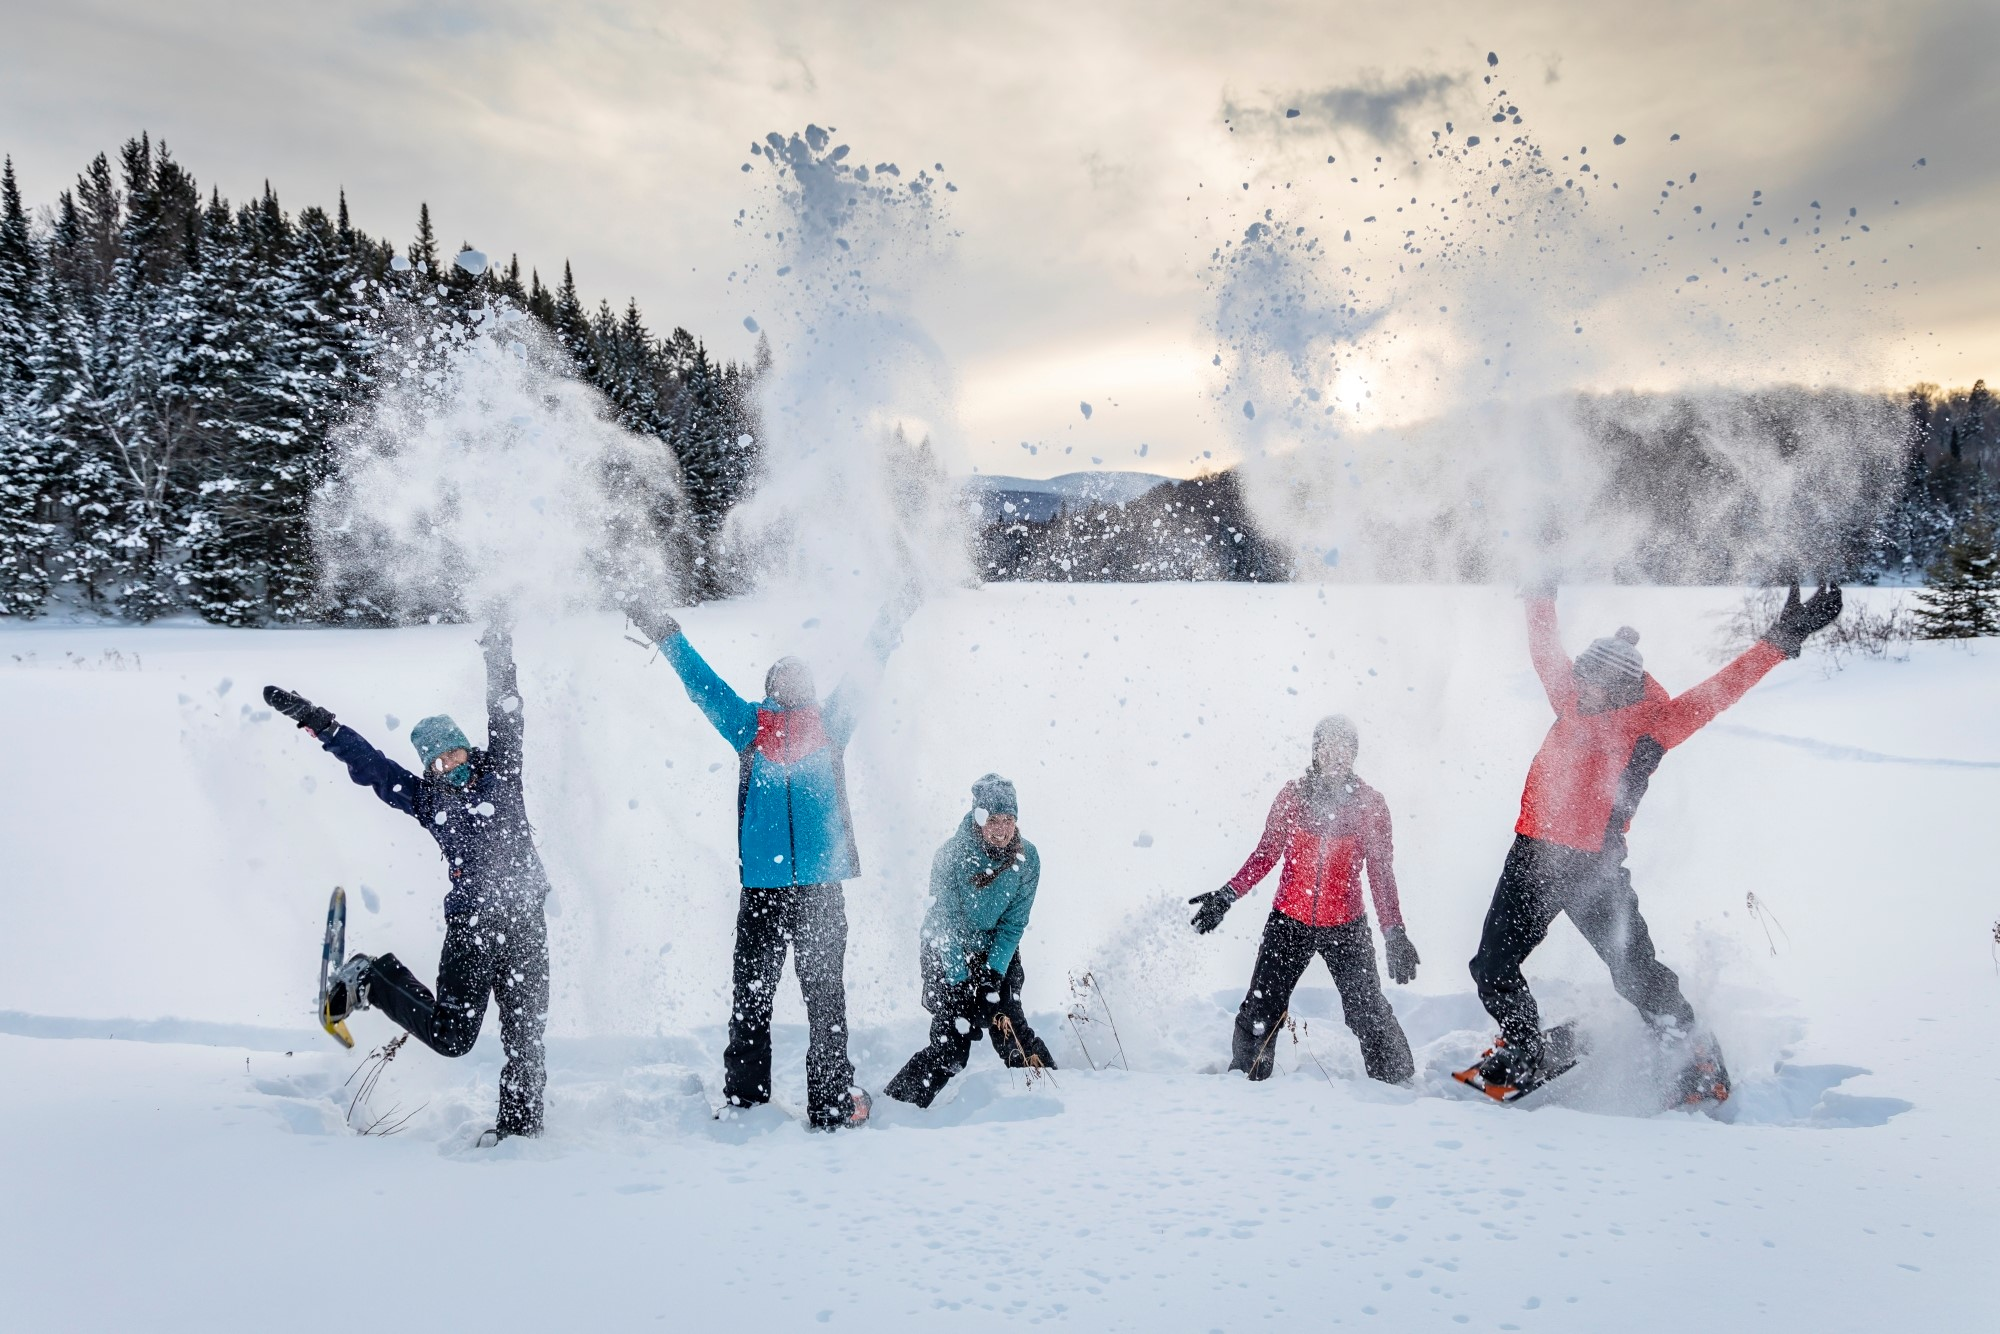 La Journée d'hiver Sépaq, une occasion pour redécouvrir le plein air d'hiver et apprécier la beauté exceptionnelle du Parc du Bic.